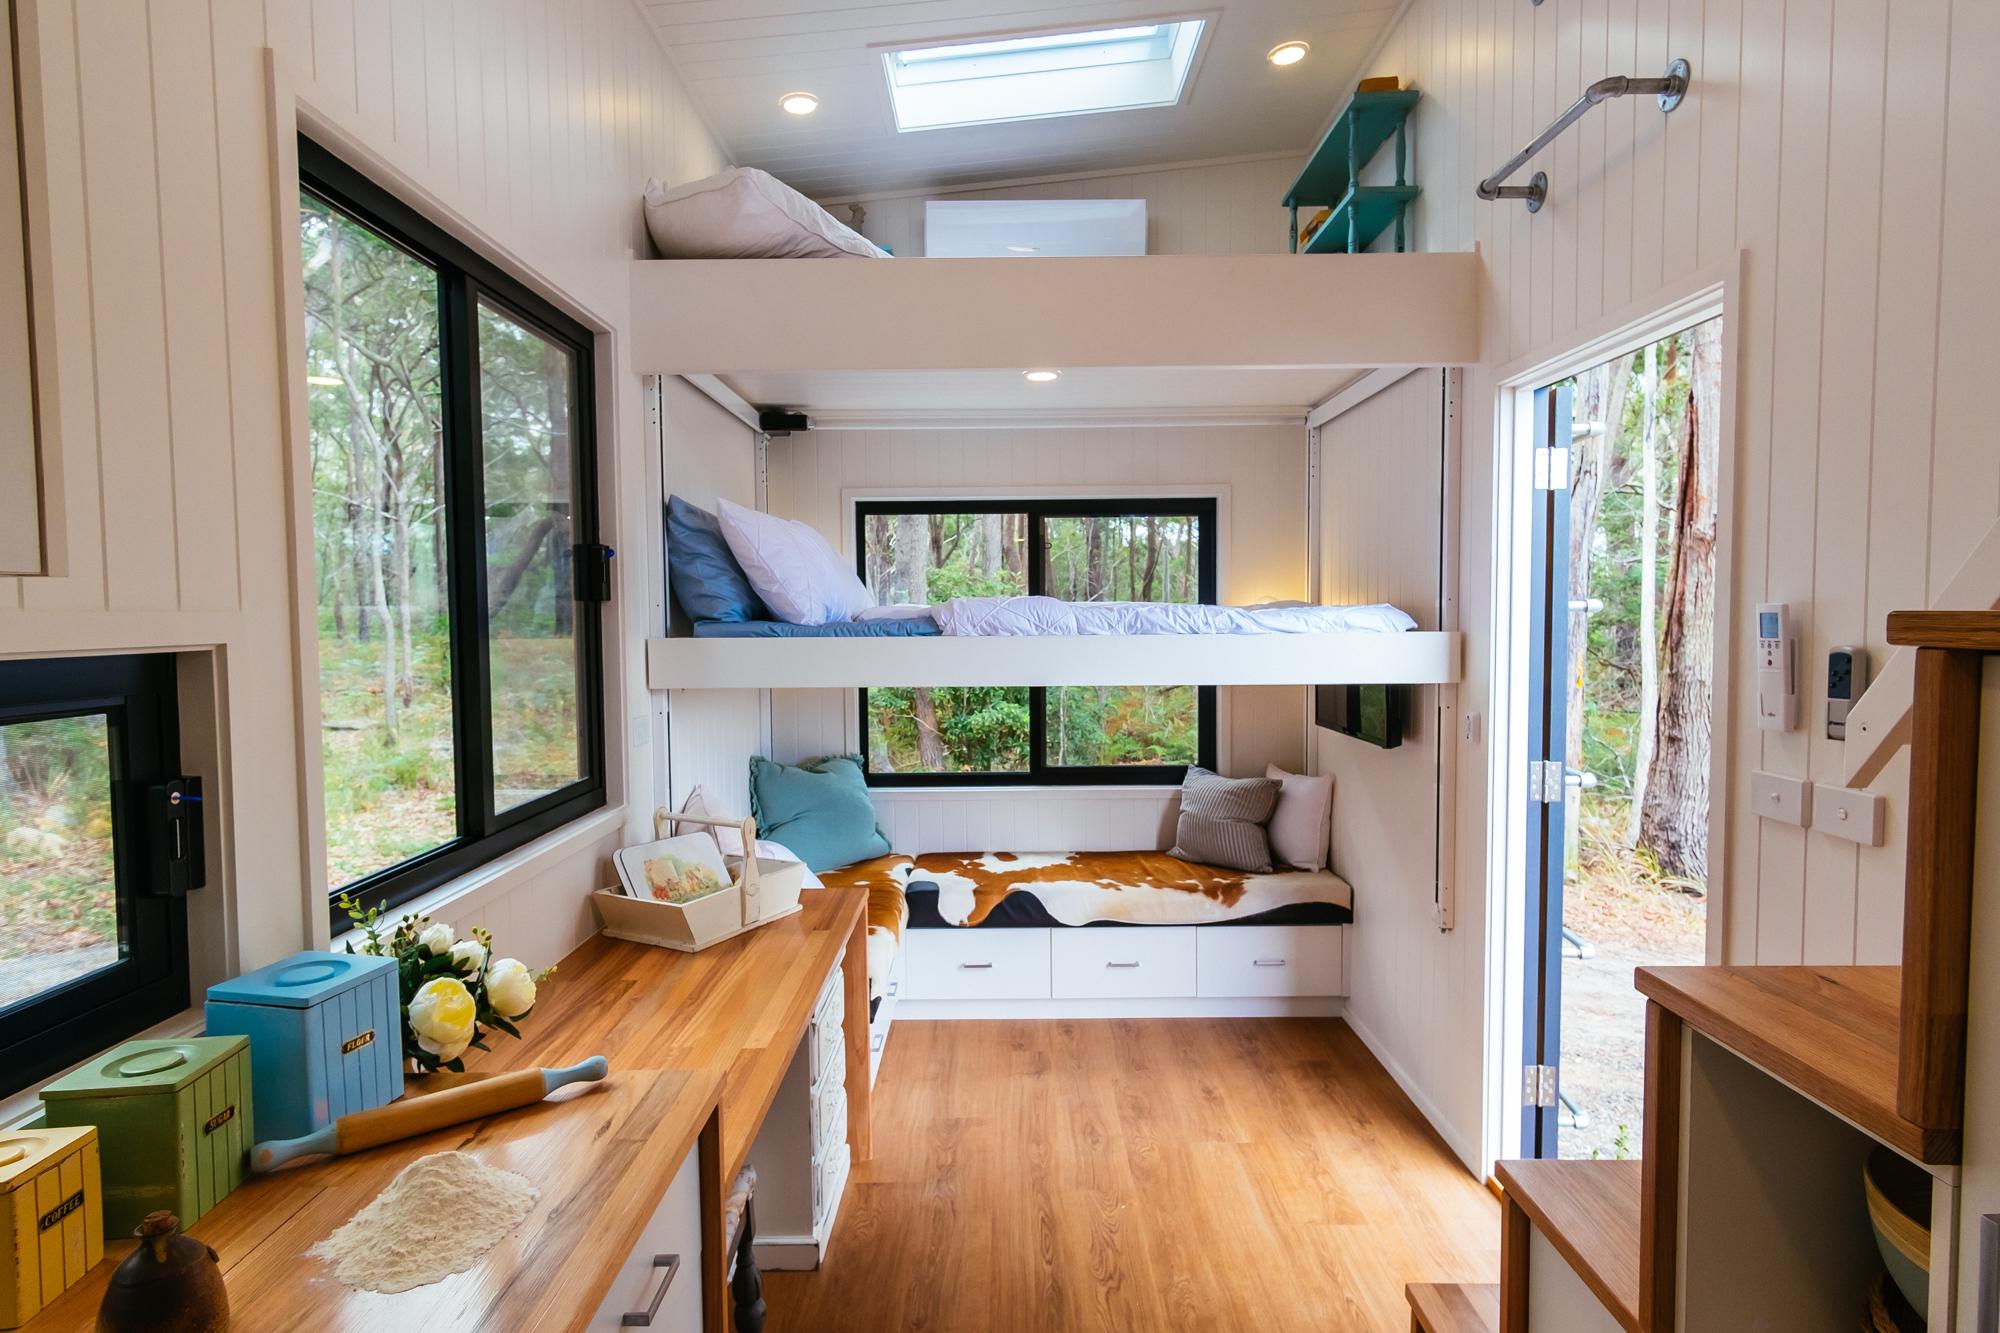 Eco Tiny Home Interior